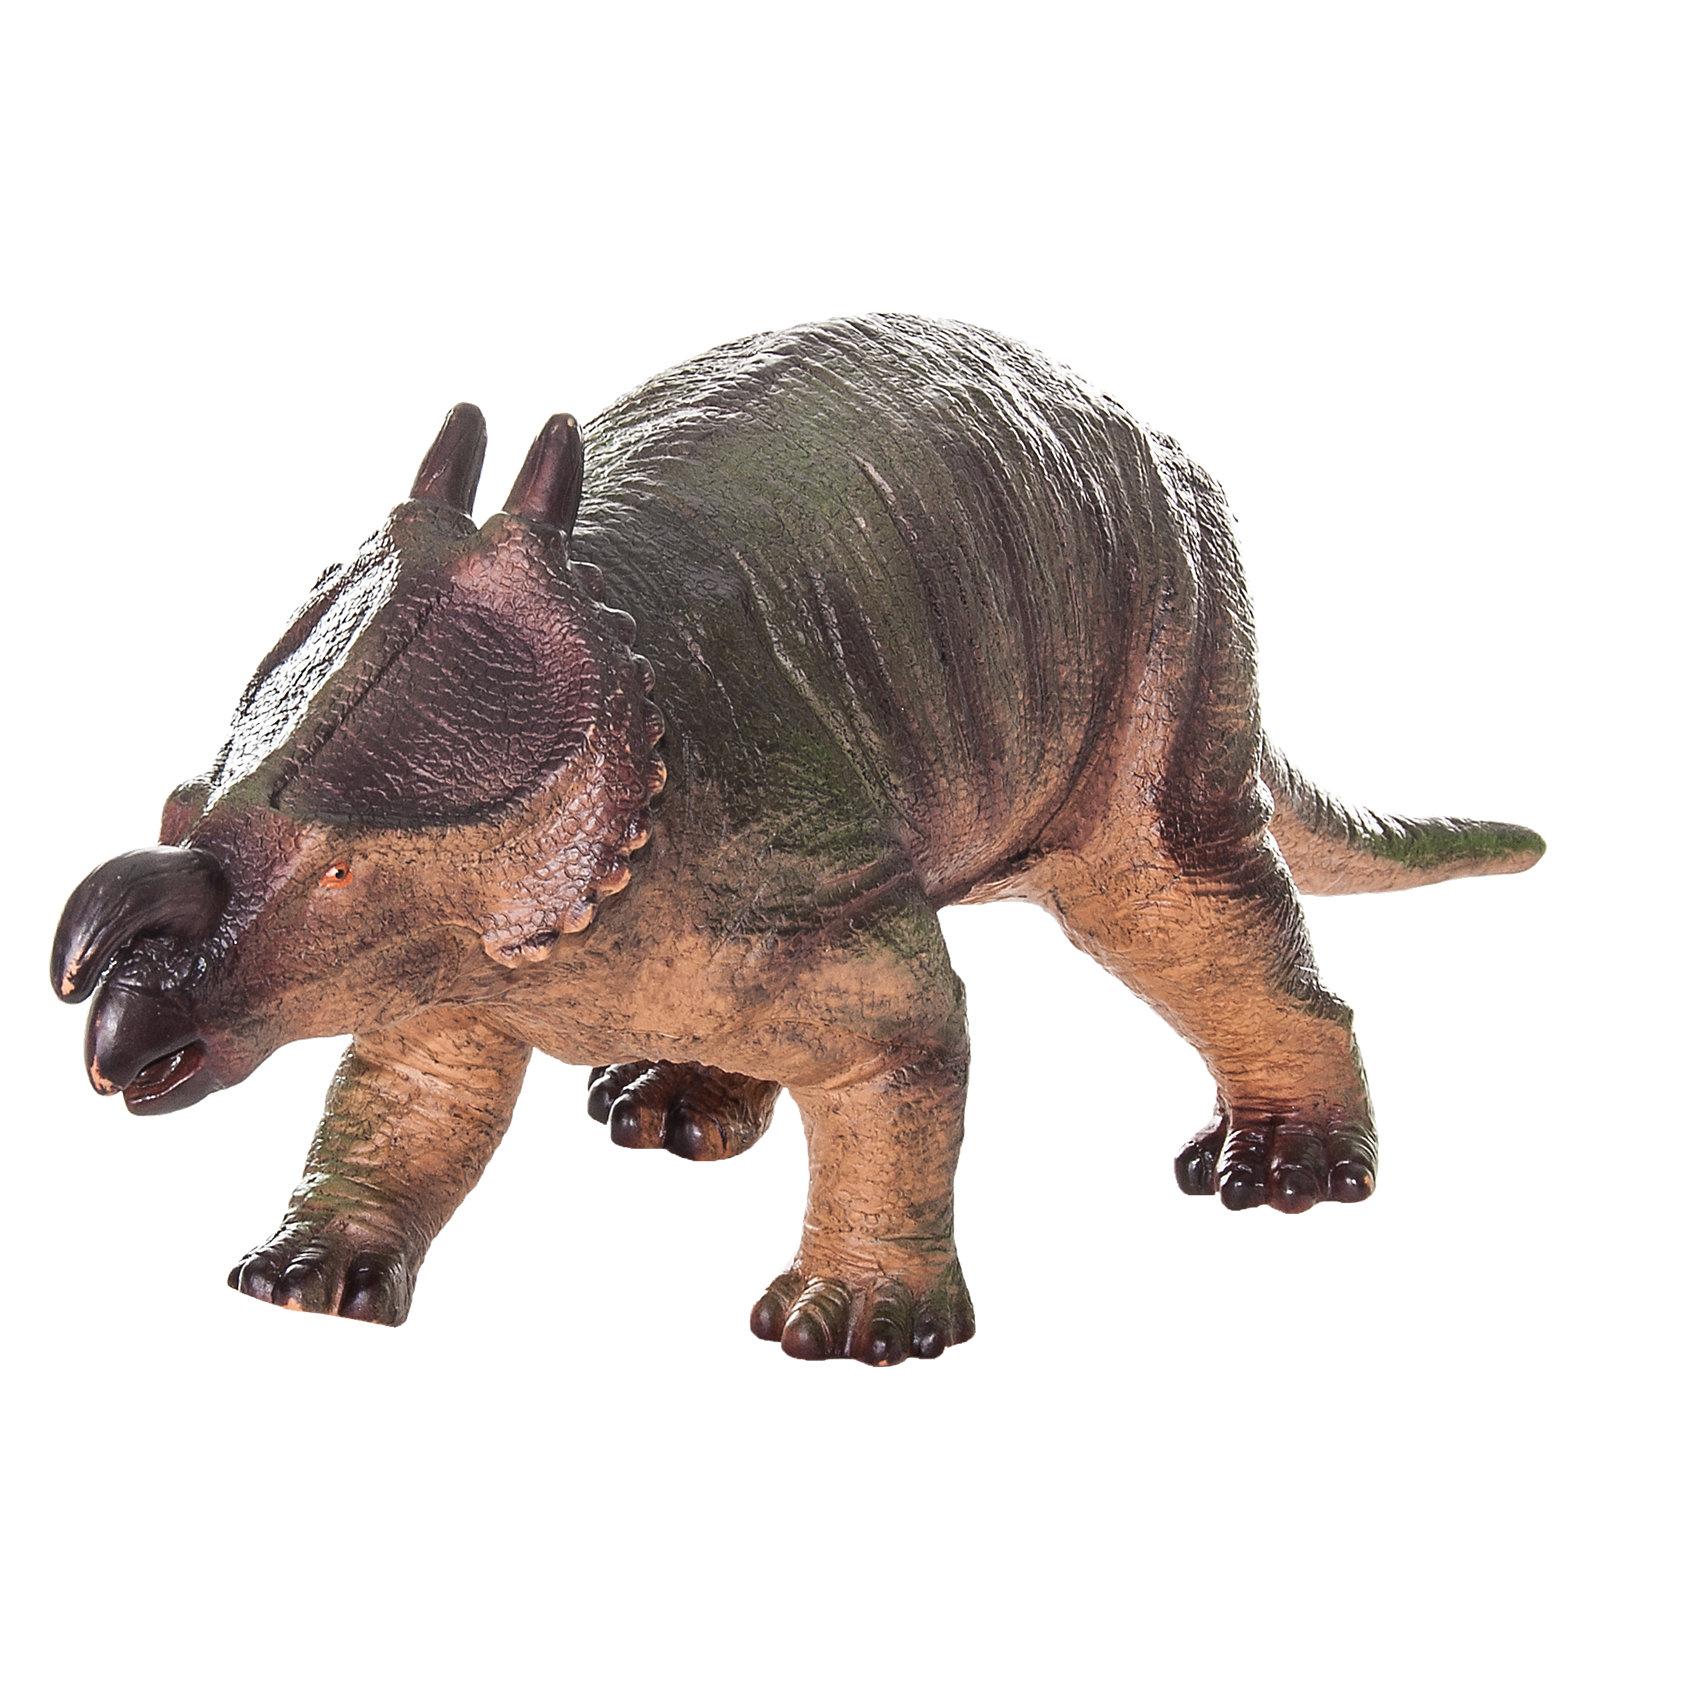 Фигурка динозавра Эйнозавр, HGLДетей всех возрастов привлекают фильмы и рассказы о доисторических временах и чудесных динозаврах, населявших Землю до возникновения человека. Подстегните фантазию юного любителя древностей - подарите ему динозавра из серии игрушек HGL. Специалисты компании создавали игрушки максимально похожими на своих прародителей, поэтому динозавры HGL такие интересные. Эйниозавр - фигурка травоядного доисторического ящера средних размеров, существовавшего на Земле около 70 миллионов лет назад. Он достигал в длину 6 метров, а челюсть его оканчивалась массивным клювом, благодаря которому Эйниозавр мог откусывать ветки. Эйниозавр передвигался на четырех лапах и имел костный воротник с двумя крупными рогами вокруг шеи, который помогал ему не стать легкой добычей для хищников. Эйниозавр знаменит большим рогом над челюстью, придающим ему особое сходство с современным носорогом. Ни одна история об эре динозавров невозможна без этого необычного динозавра. Ребенок будет в восторге от такой замечательной фигурки. Массивный динозавр сделан из мягкого ПВХ безопасного для детей. Внушительные размеры и отличная детализация Эйниозавра помогут ребенку окунуться в далекий и такой манящий доисторический мир, полный приключений.<br><br>Дополнительная информация:<br><br>- Внешний вид фигурки основан на реальных данных палеонтологов;<br>- Материал: ПВХ;<br>- Размер фигурки: 40 см;<br>- Размер упаковки: 44 х 18 х 14 см;<br>- Вес: 750 г<br><br>Фигурку динозавра Эйниозавр, HGL можно купить в нашем интернет-магазине.<br><br>Ширина мм: 440<br>Глубина мм: 180<br>Высота мм: 140<br>Вес г: 750<br>Возраст от месяцев: 36<br>Возраст до месяцев: 192<br>Пол: Унисекс<br>Возраст: Детский<br>SKU: 4135944